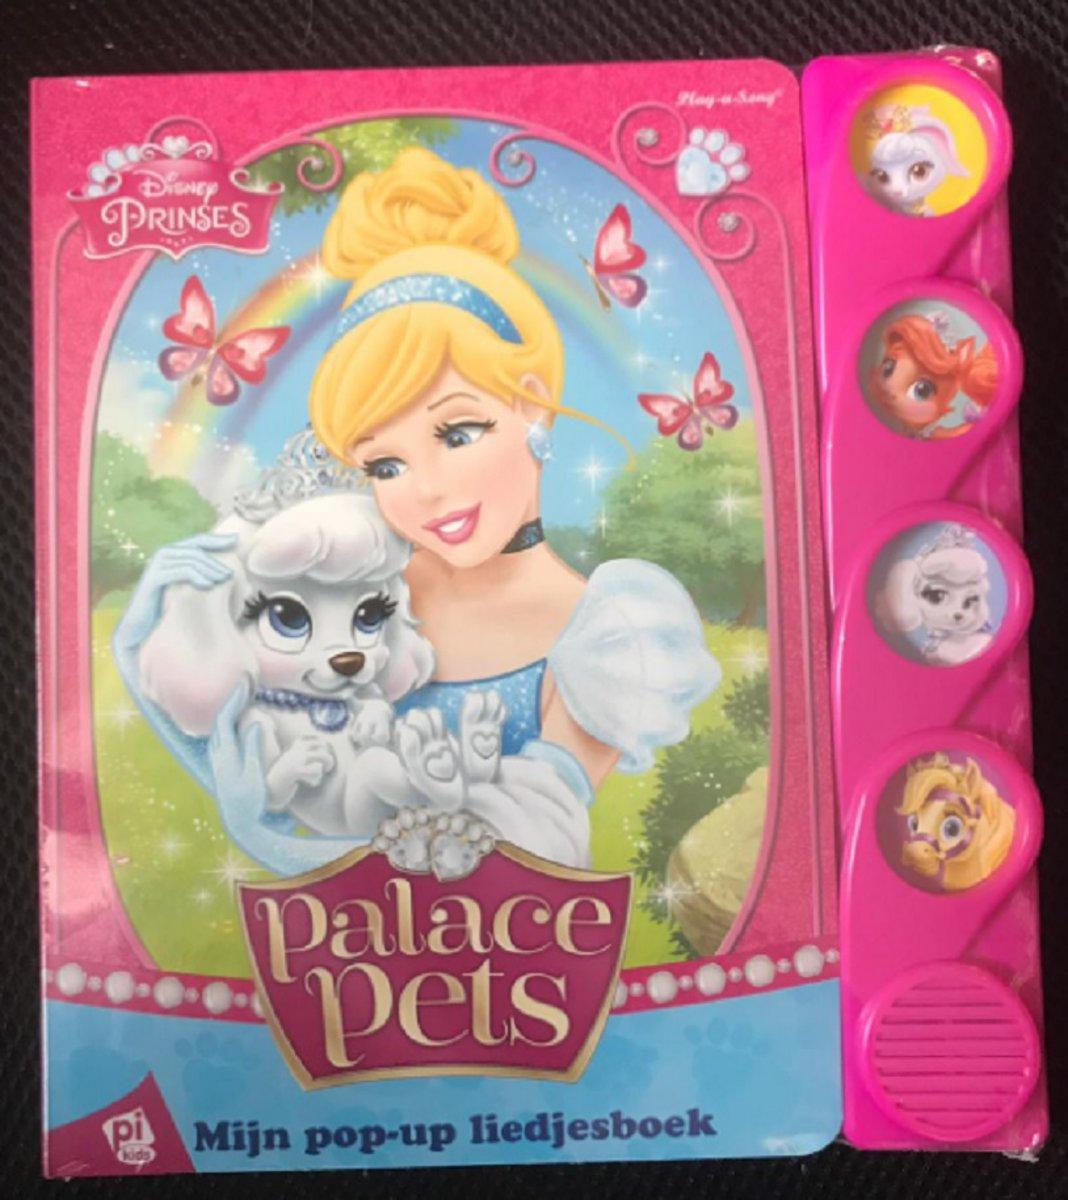 Disney prinses - Mijn pop-up liedjesboek